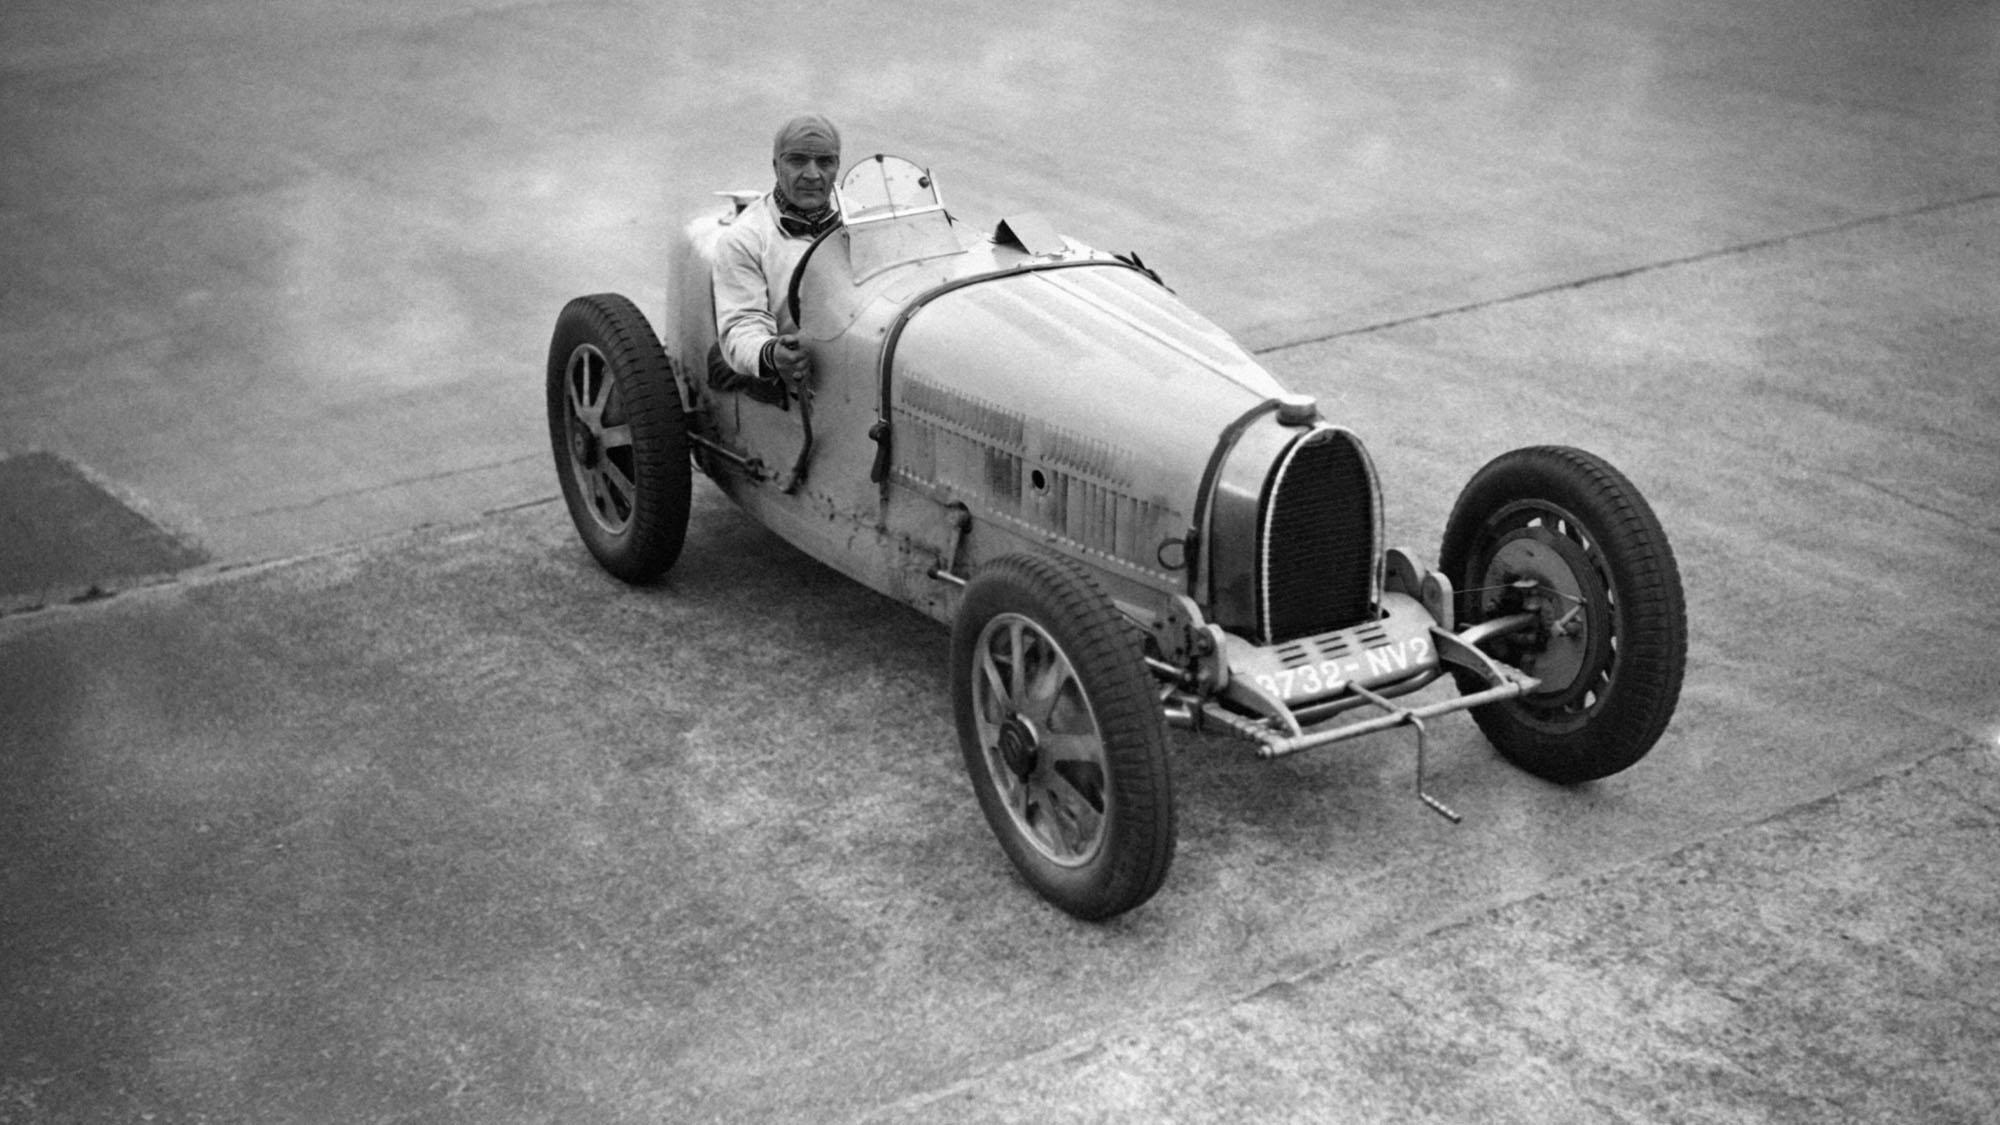 MONTLHERY, FRANCE - NON DATE: Le pilote automobile Robert Benoist s'entrainant sur sa Bugatti sur le circuit de Montlhery, France. (Photo by Keystone-France\Gamma-Rapho via Getty Images)